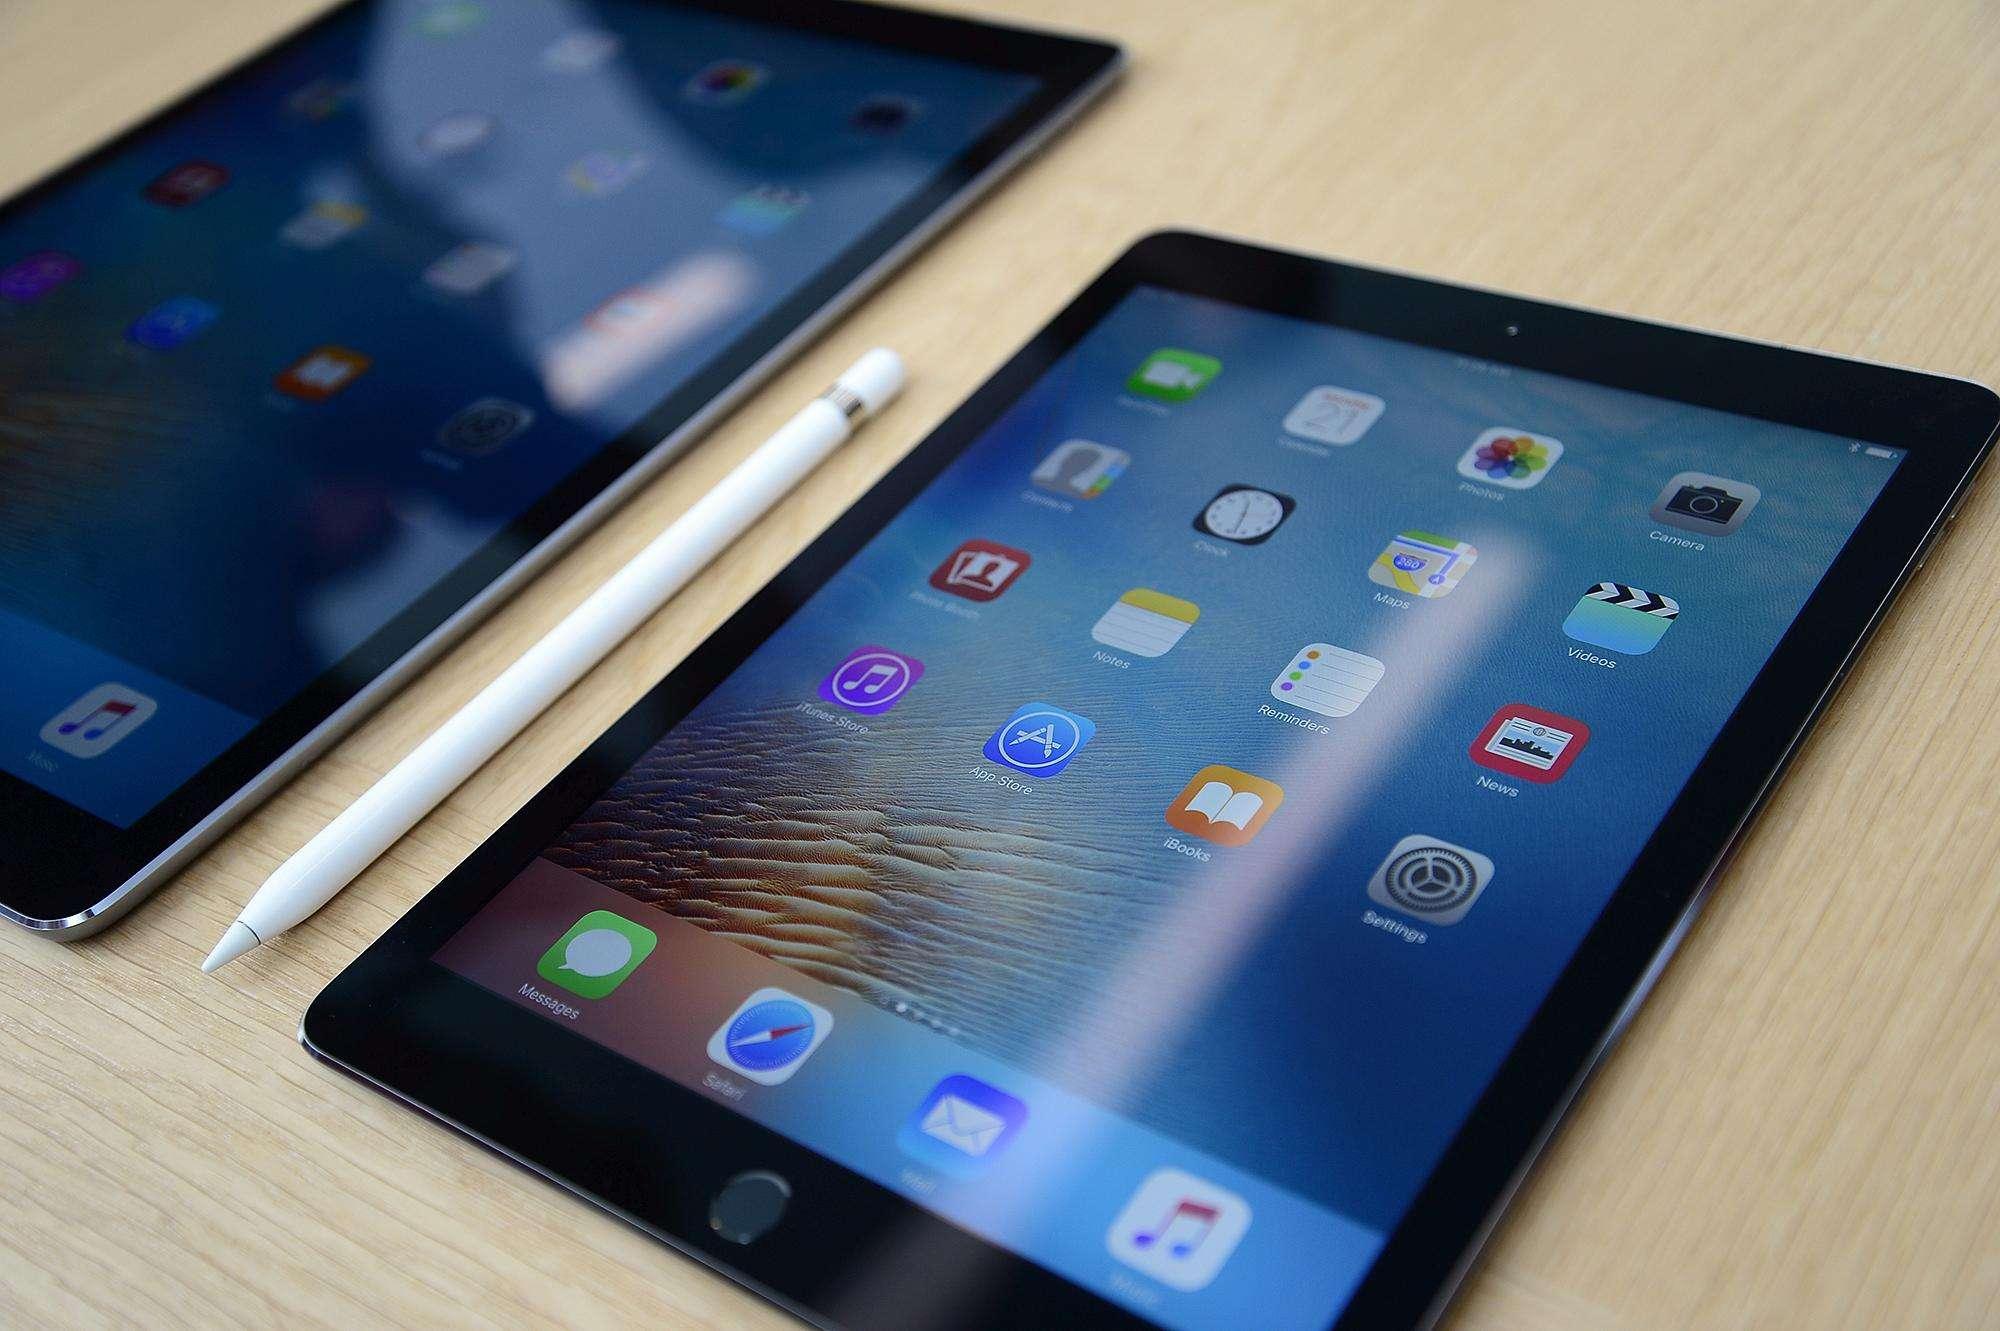 """IPAD 12.9""""平板电脑模型 苹果平板电脑模型 3"""